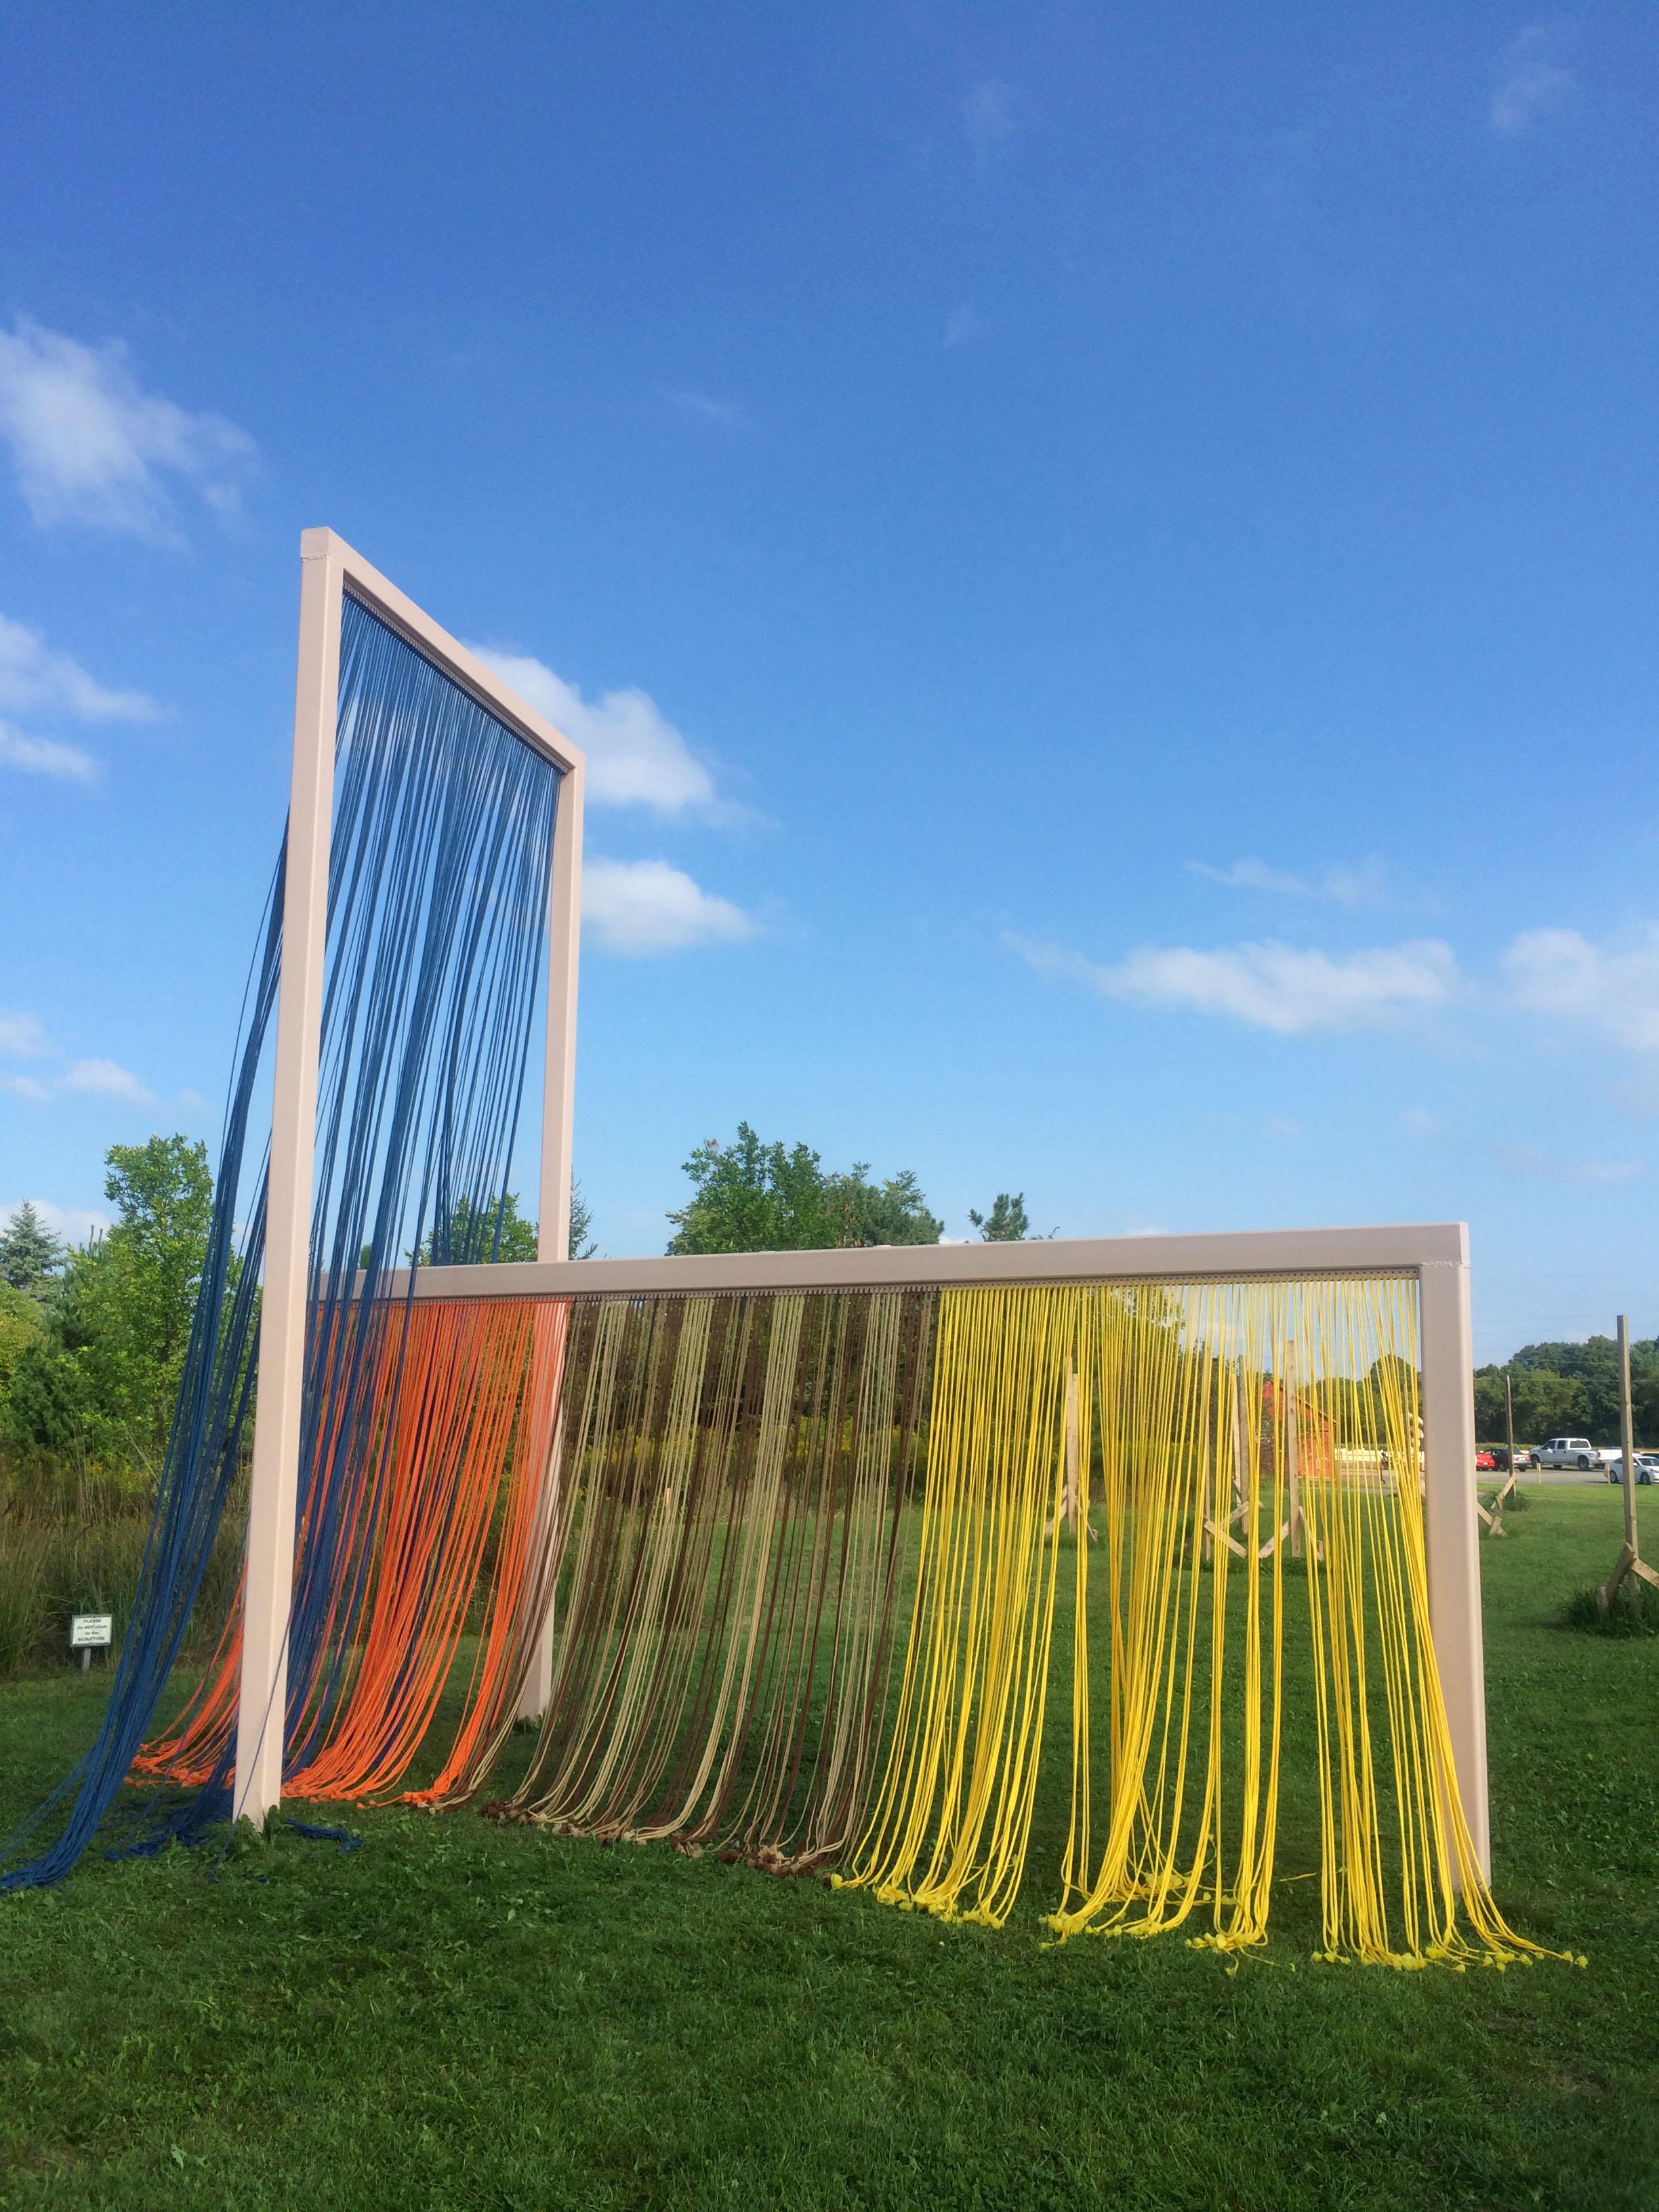 Little Women, 2016, Franconia Sculpture Park, MN, 17 x 9 x 20 feet